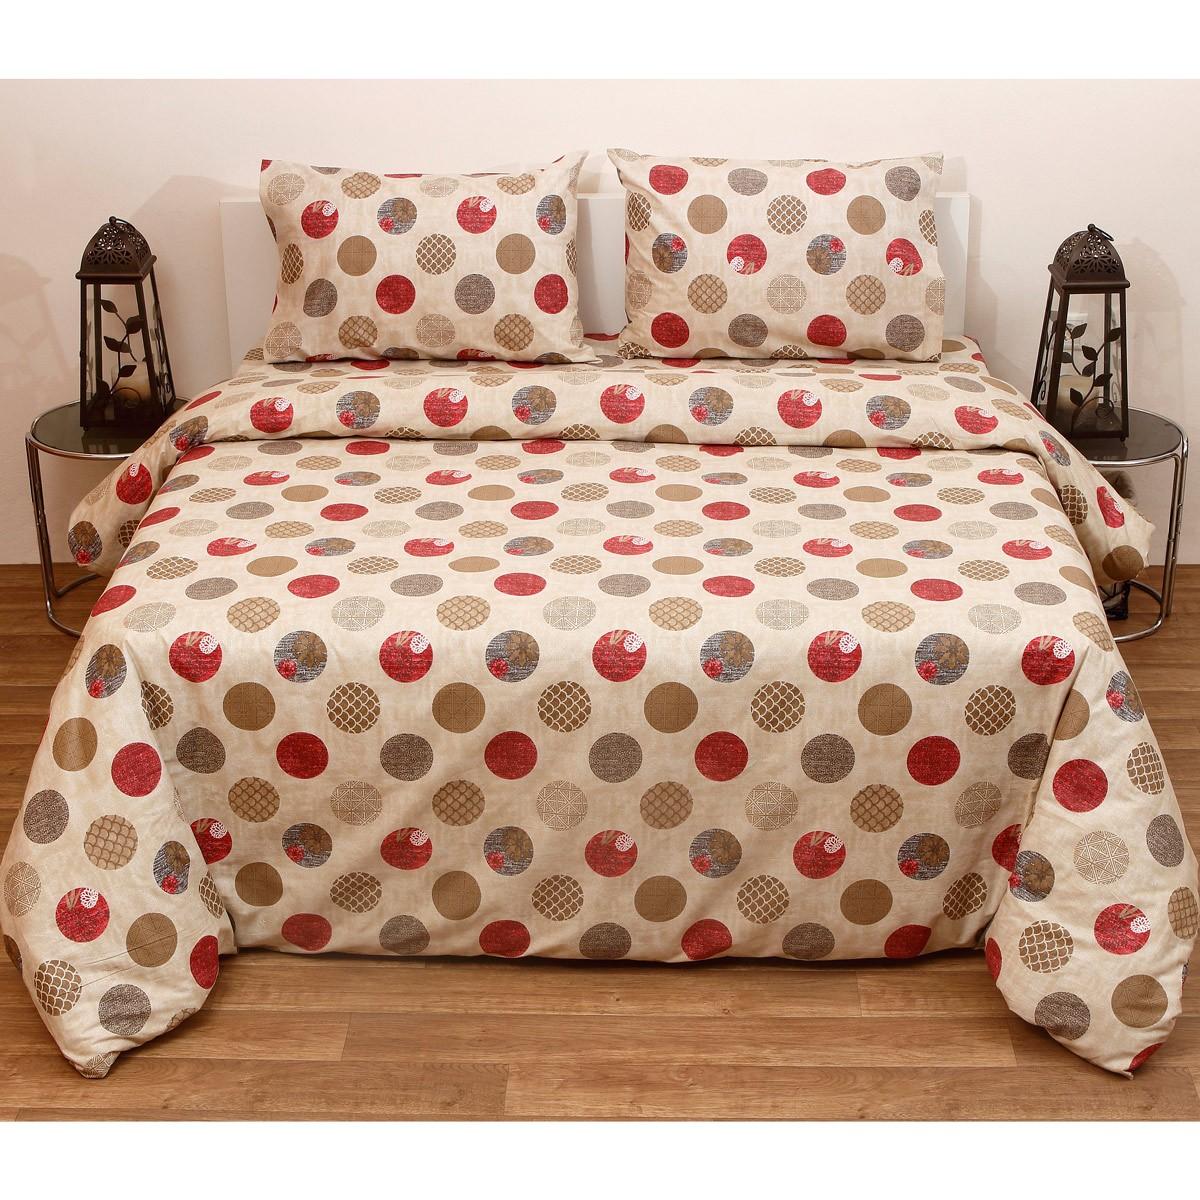 Πάπλωμα Ημίδιπλο (Σετ) Viopros Fresh Κάρμεν home   κρεβατοκάμαρα   παπλώματα   παπλώματα ημίδιπλα   διπλά